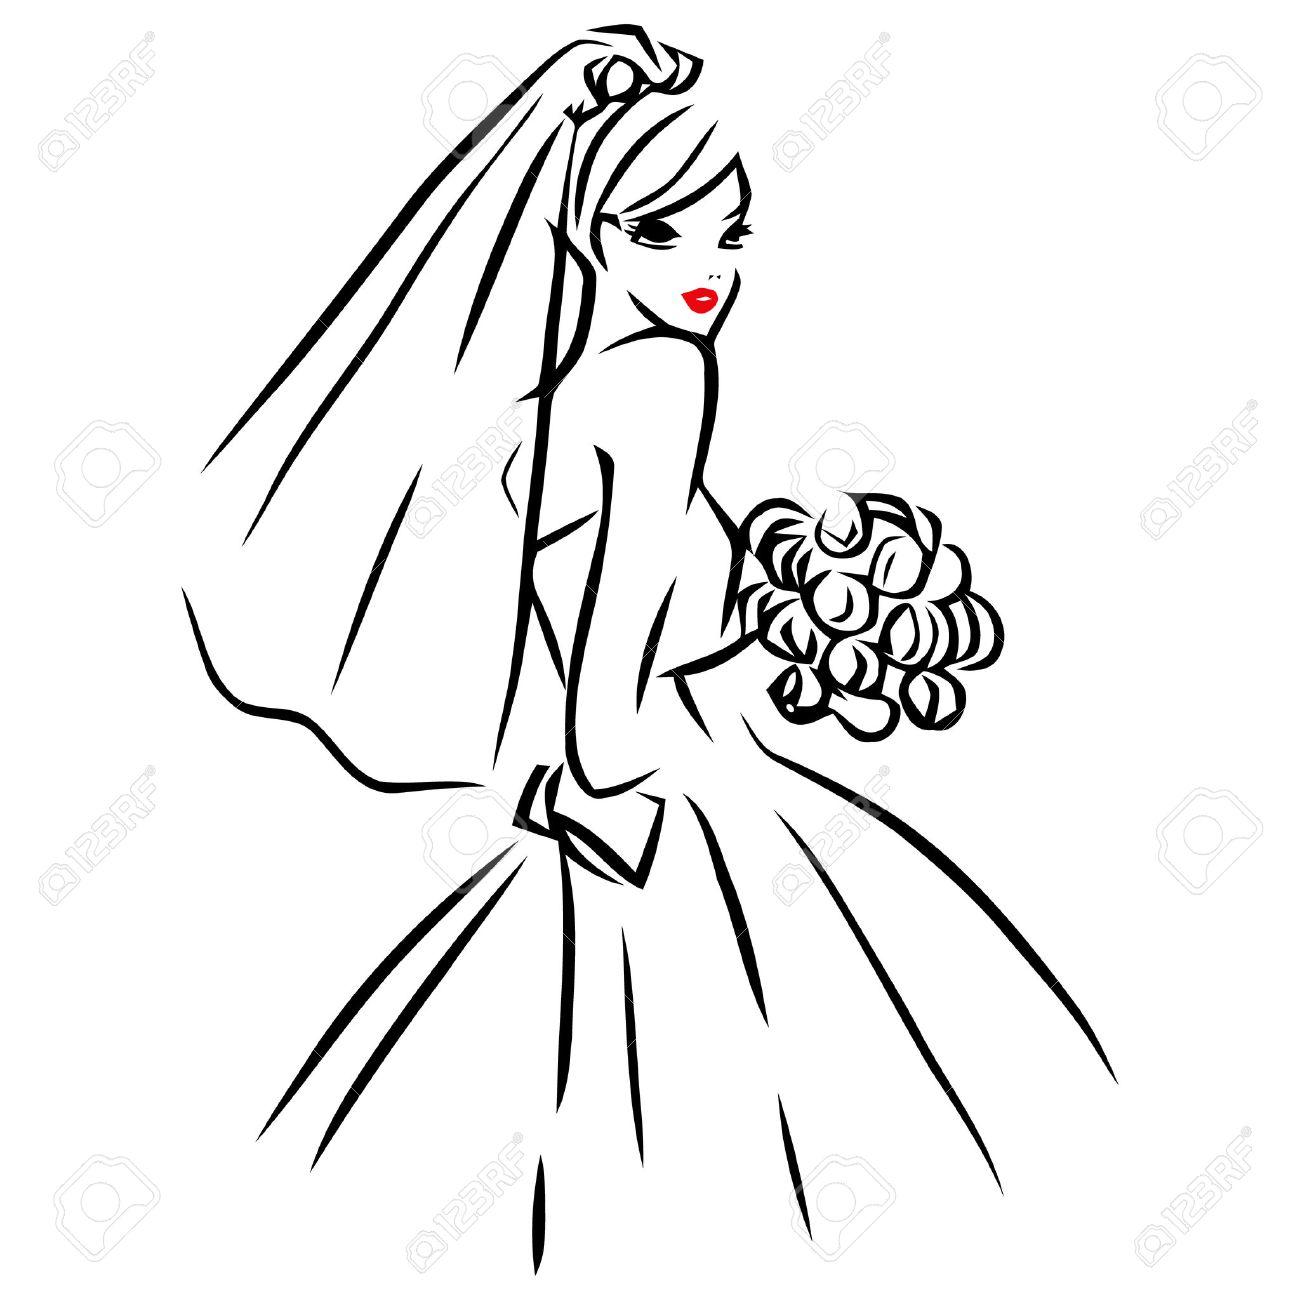 この画像は線の芸術スタイルのベクトル イラスト美しい花嫁のバラの